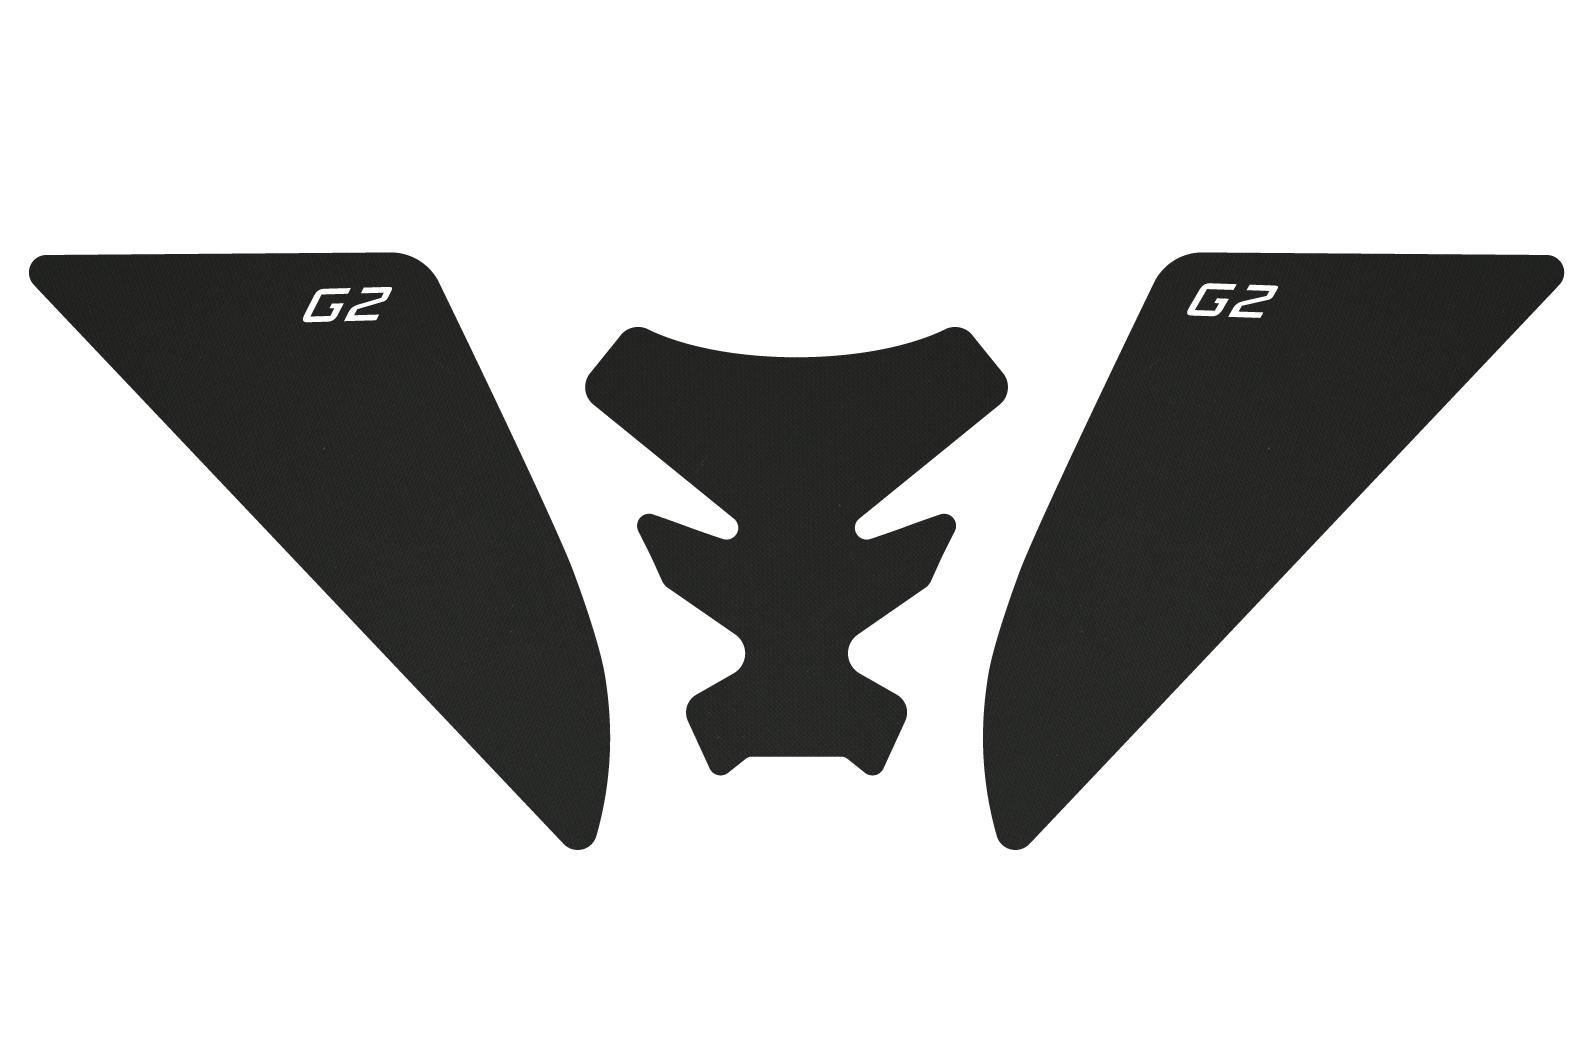 【World Walk】G2 油箱保護貼 - 「Webike-摩托百貨」